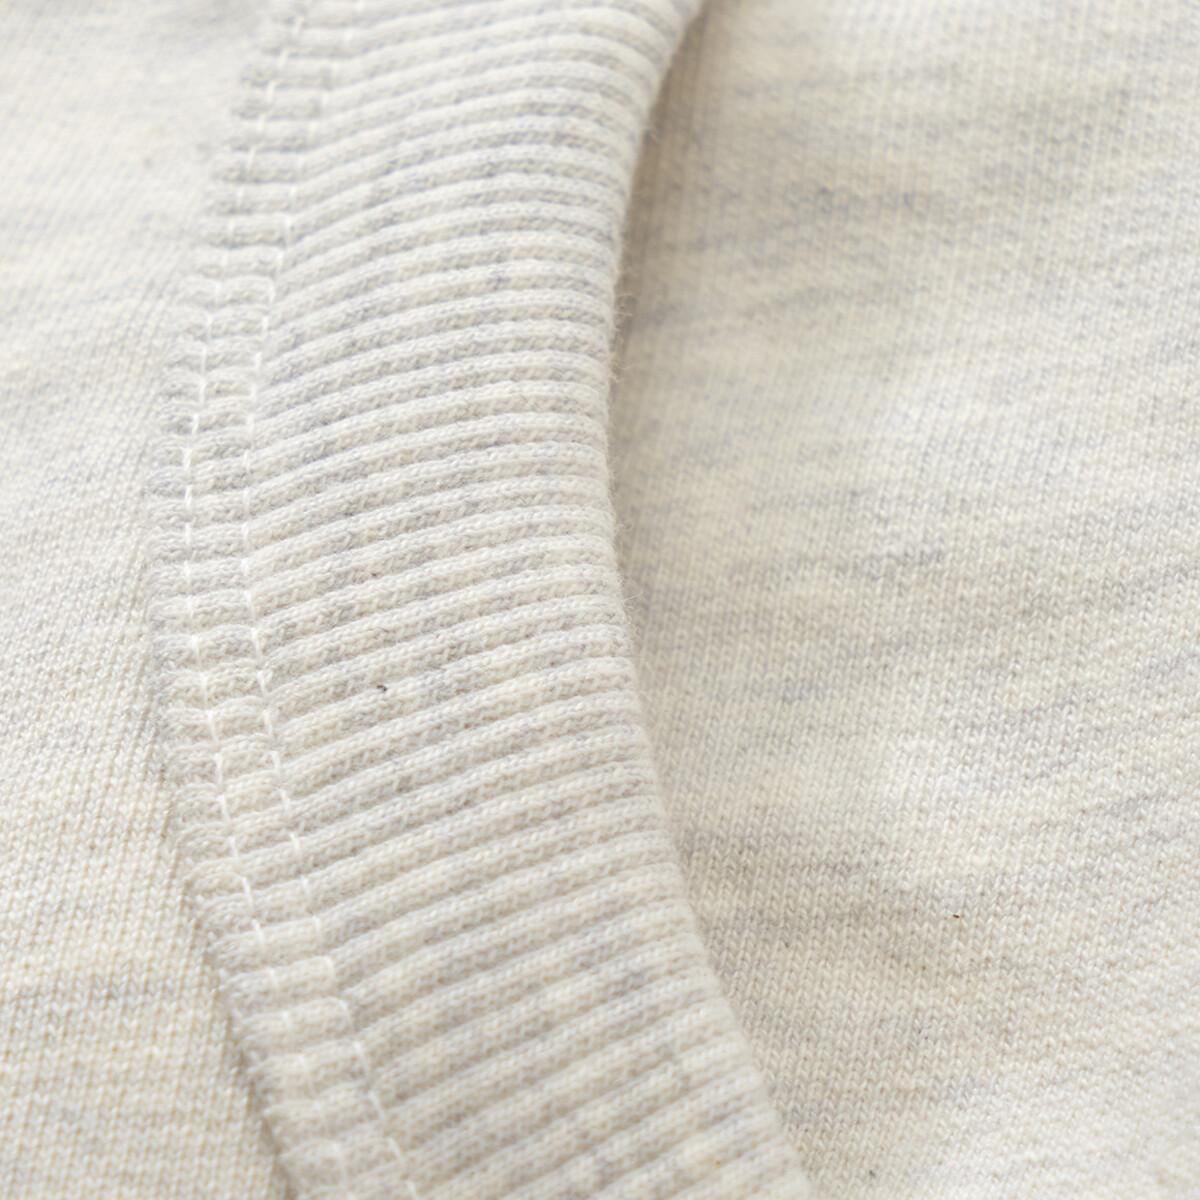 Bild 5 von Mädchen Sweatkleid mit Kängurutasche